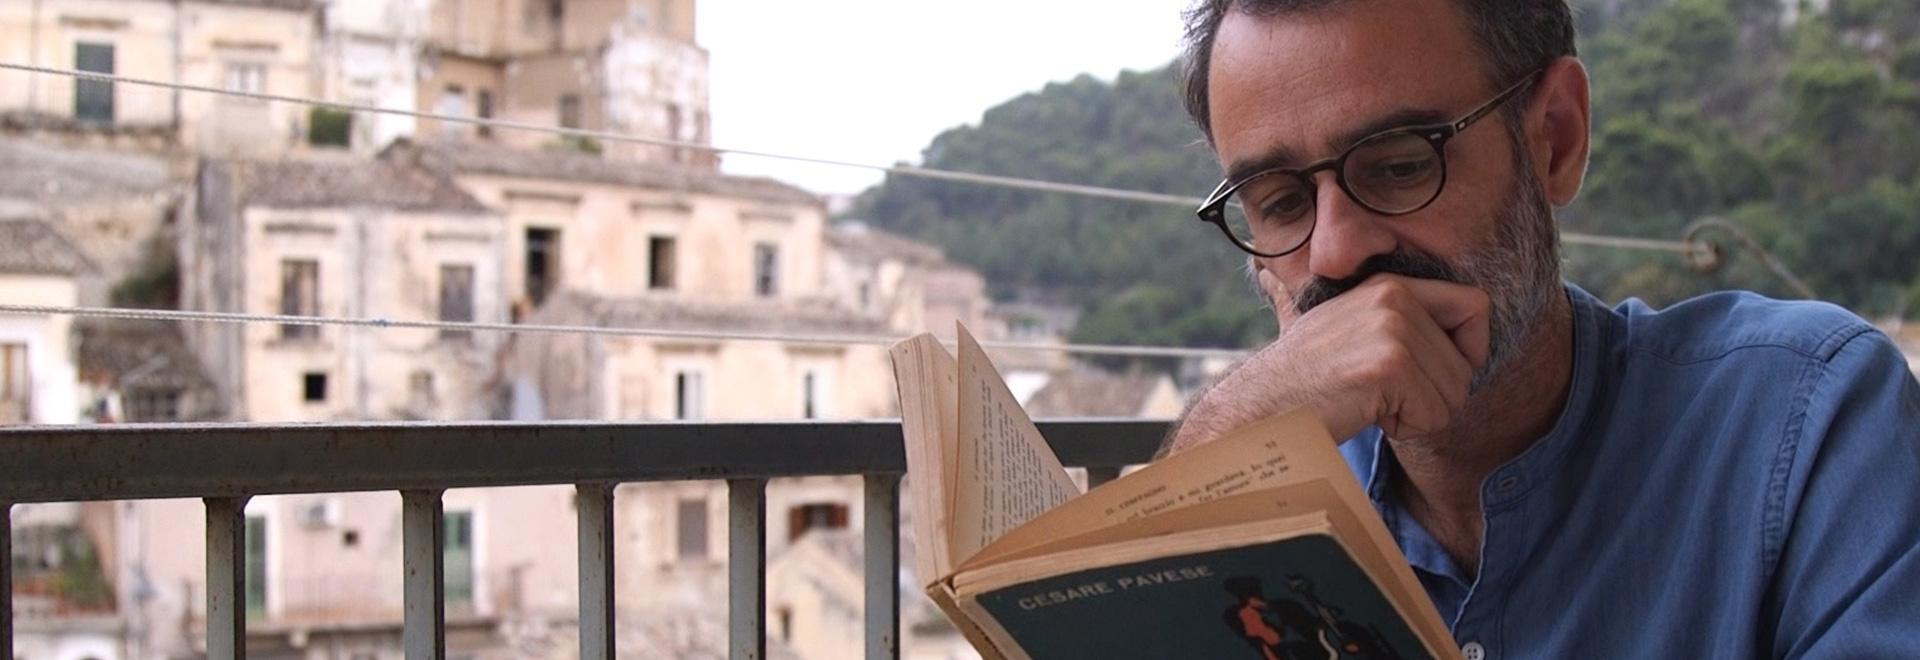 Lorenzo, il lettore oltre le sbarre